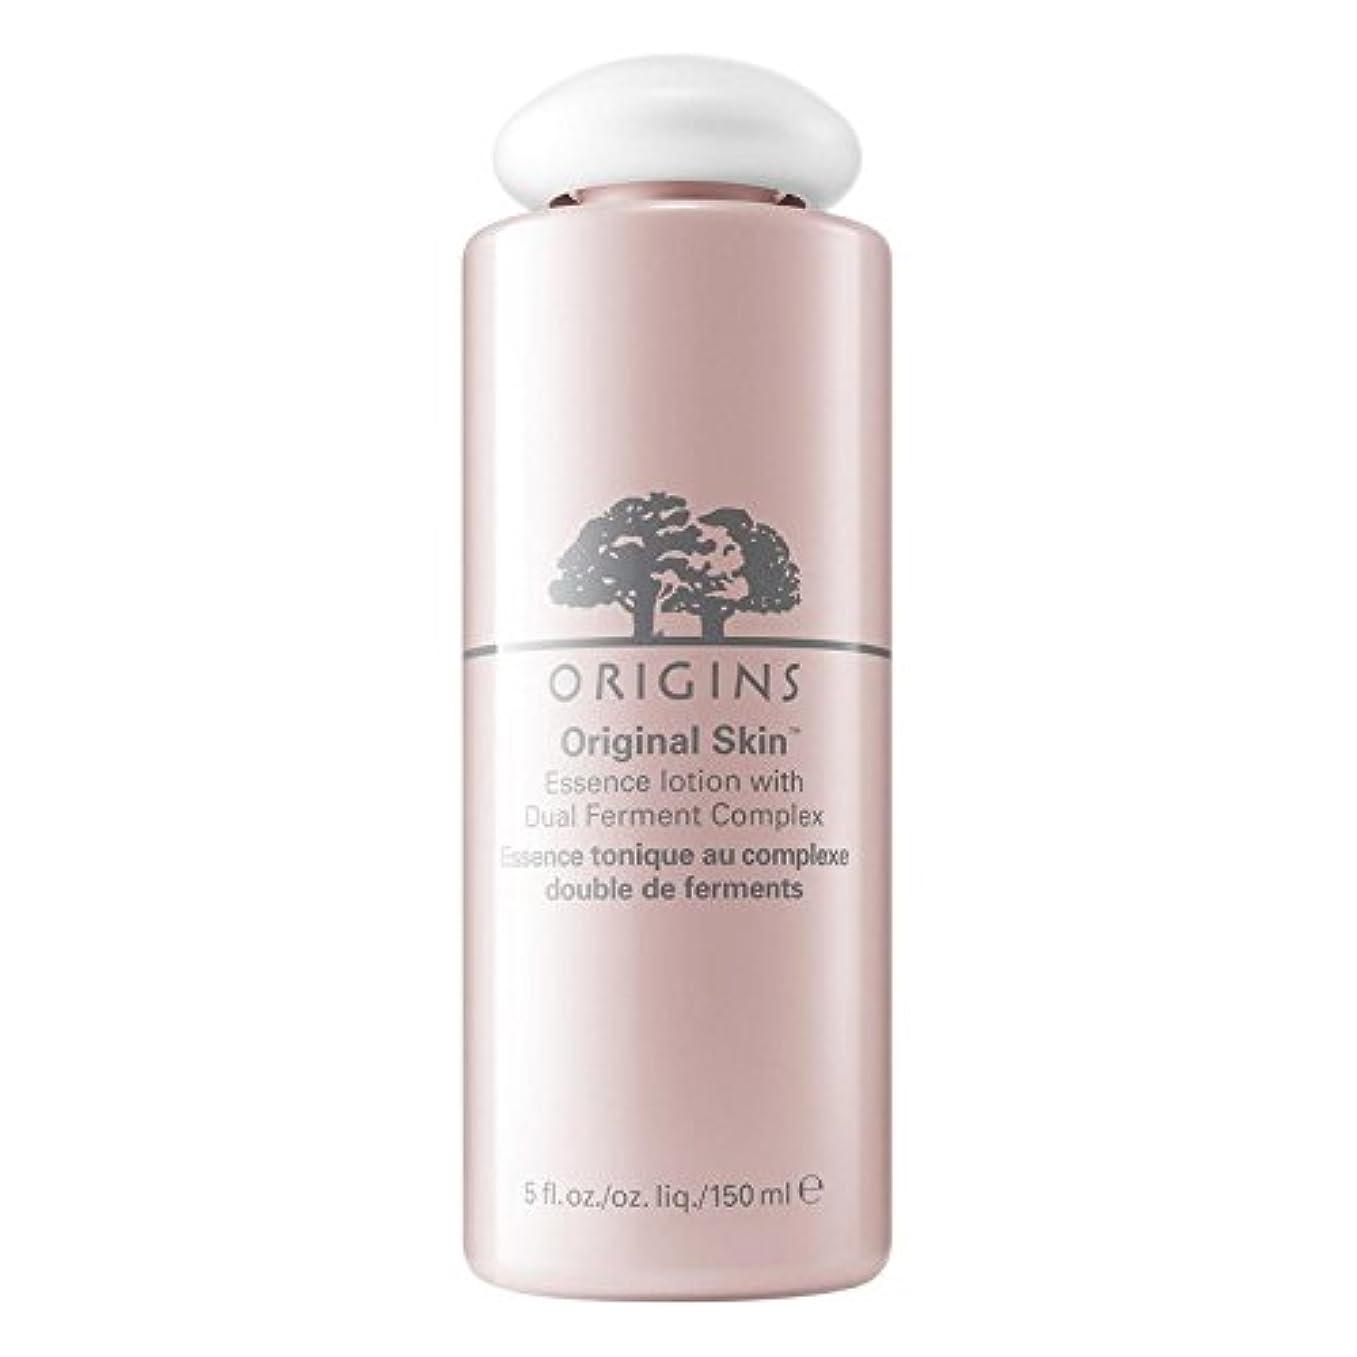 ビン不倫唯物論Origins Original Skin Essence Lotion 150ml - 起源オリジナルスキンエッセンスローション150 [並行輸入品]